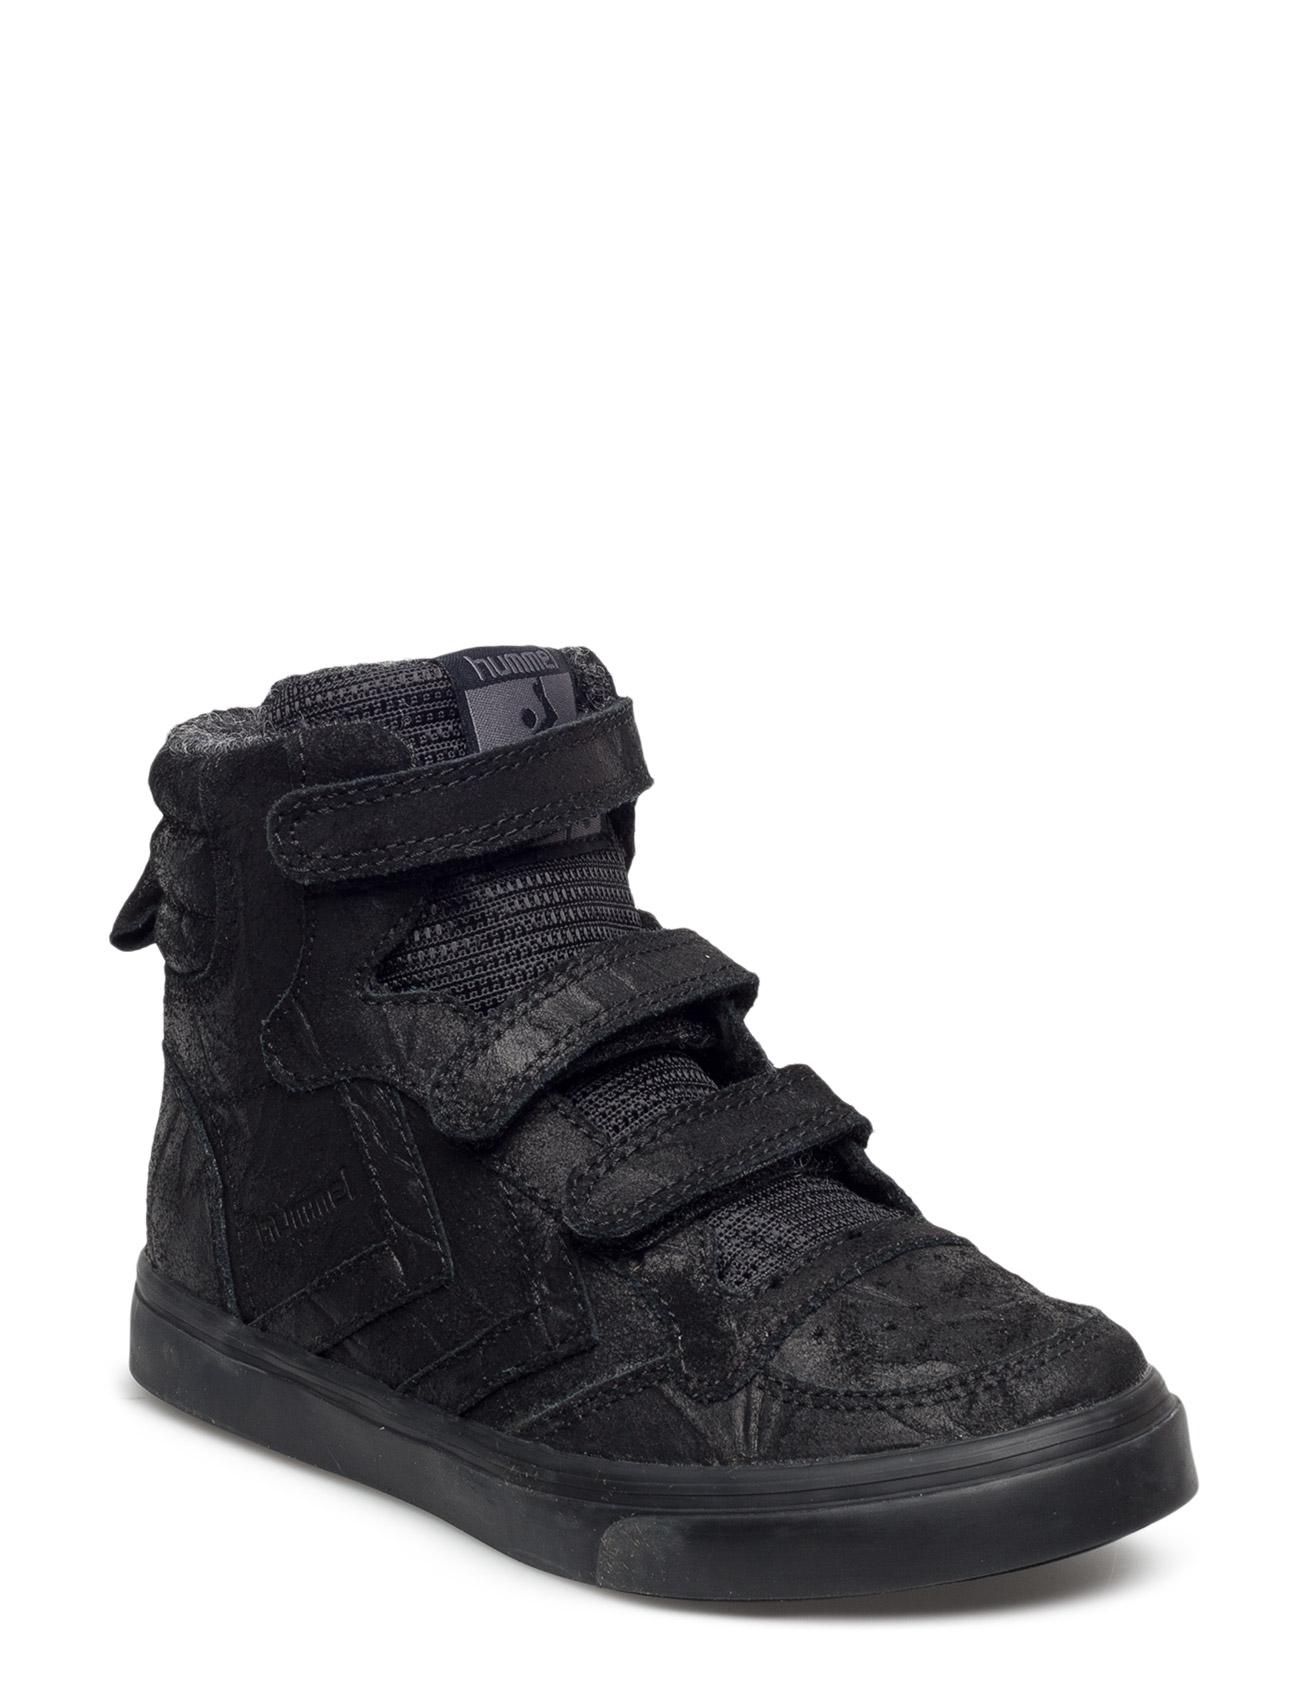 Stadil Rugged Sneaker Jr Hummel Sko & Sneakers til Børn i Sort